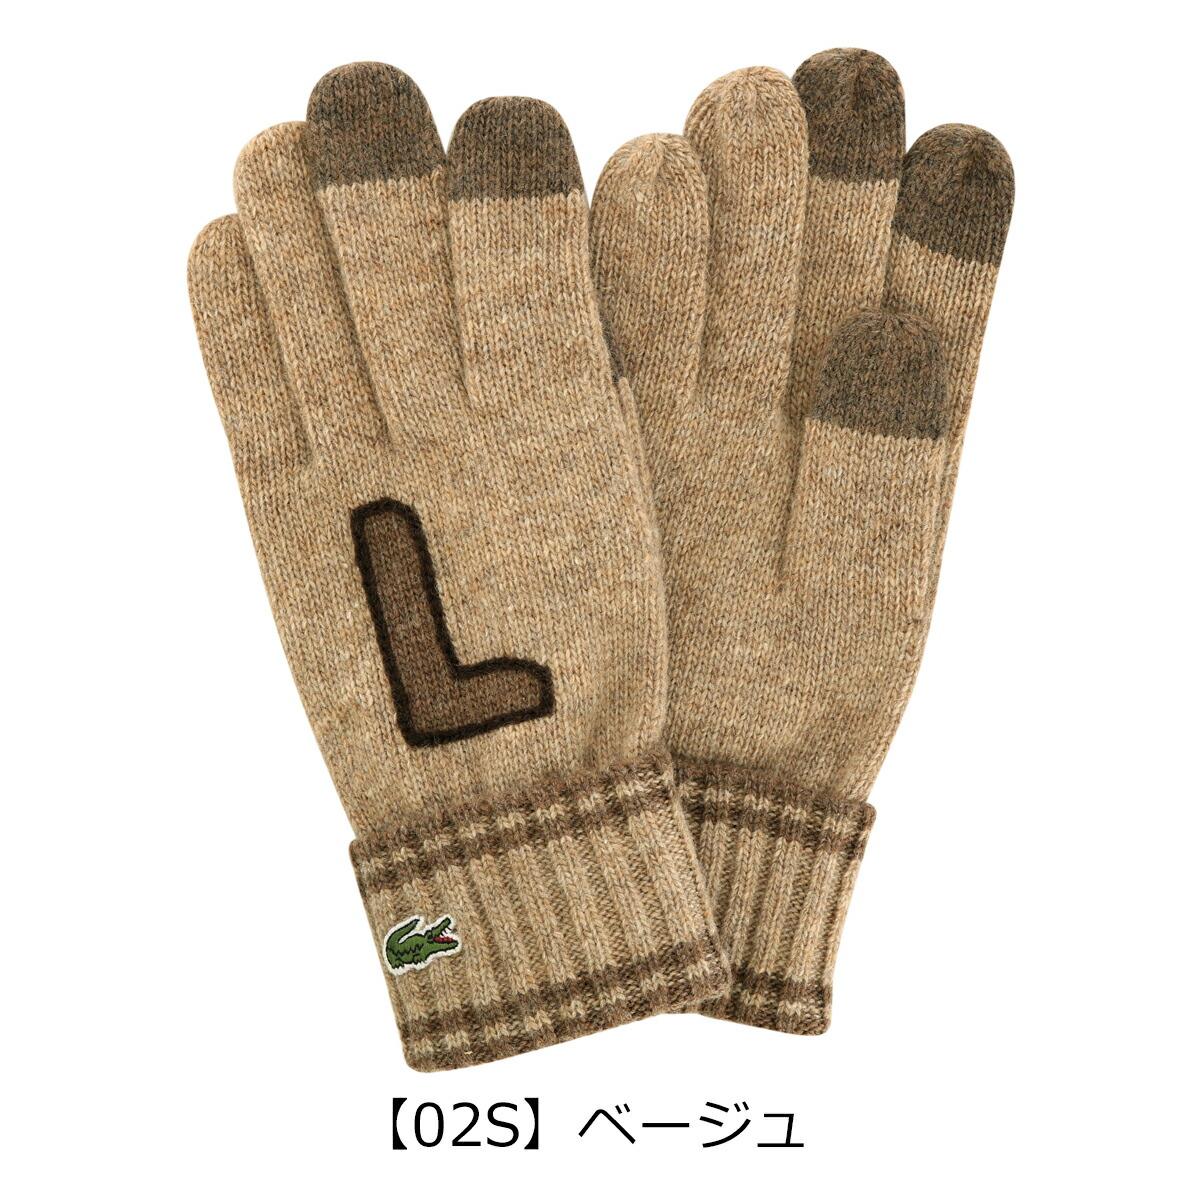 【02S】ベージュ